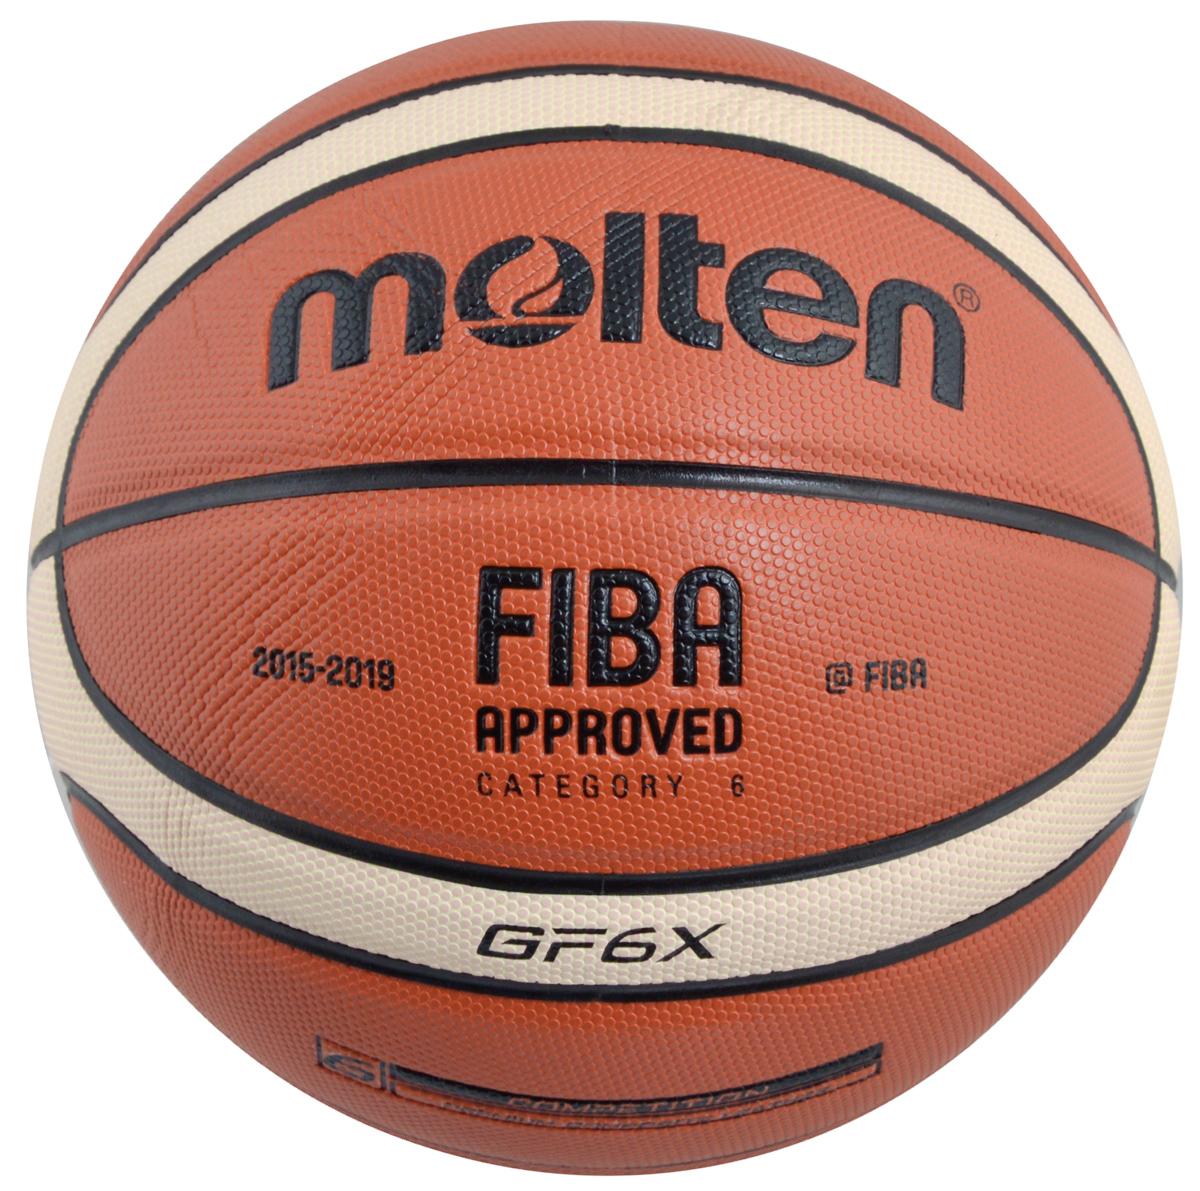 Мяч баскетбольный Molten, цвет: терракотовый. Размер 6BGF6XБаскетбольный мяч Molten отлично подходит для соревнований и тренировок профессионального уровня, обладает высокой прочностью, износостойкостью и игровыми характеристиками. Изготовлен из высококлассного композитного материала и натуральной кожи. Шероховатая поверхность. 12-панельный дизайн. Предназначен для игры в зале. Одобрен FIBA.